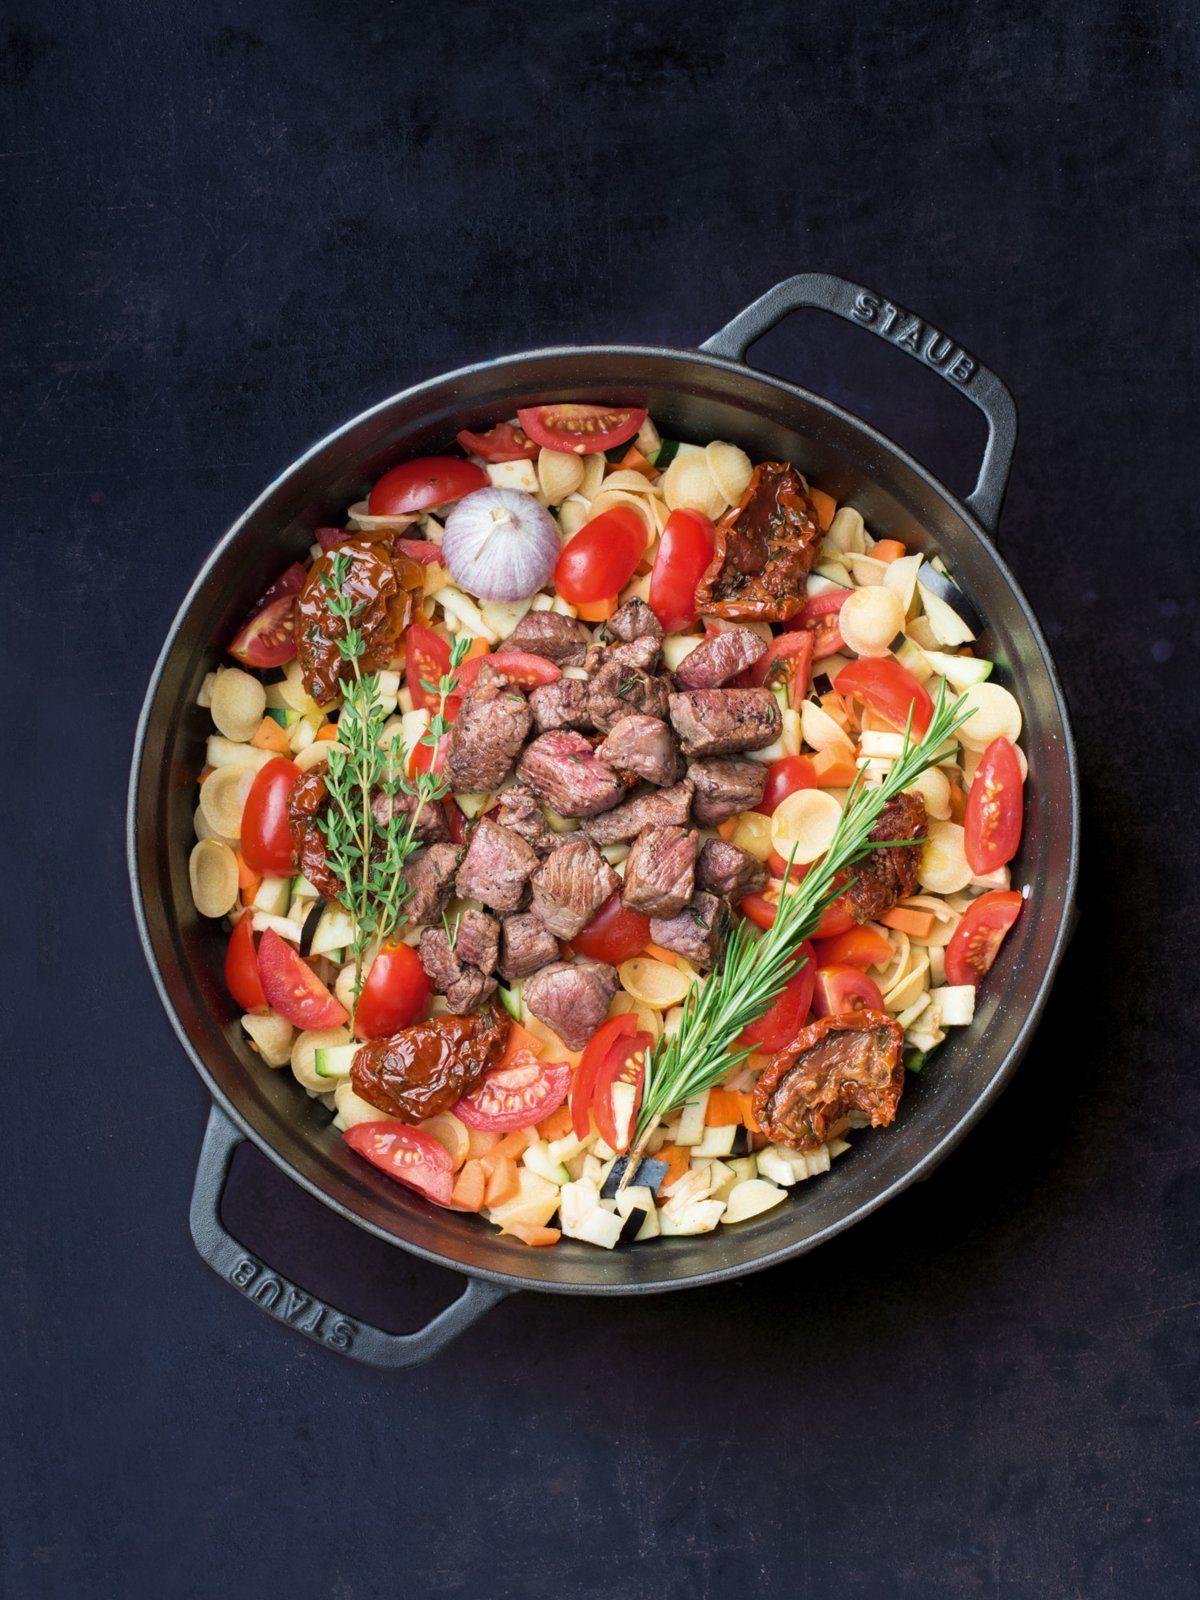 Sollte es mal kälter werden am Lagerfeuer: herzhaftes One Pot Pasta Rezept mit Rindfleisch und Rotwein